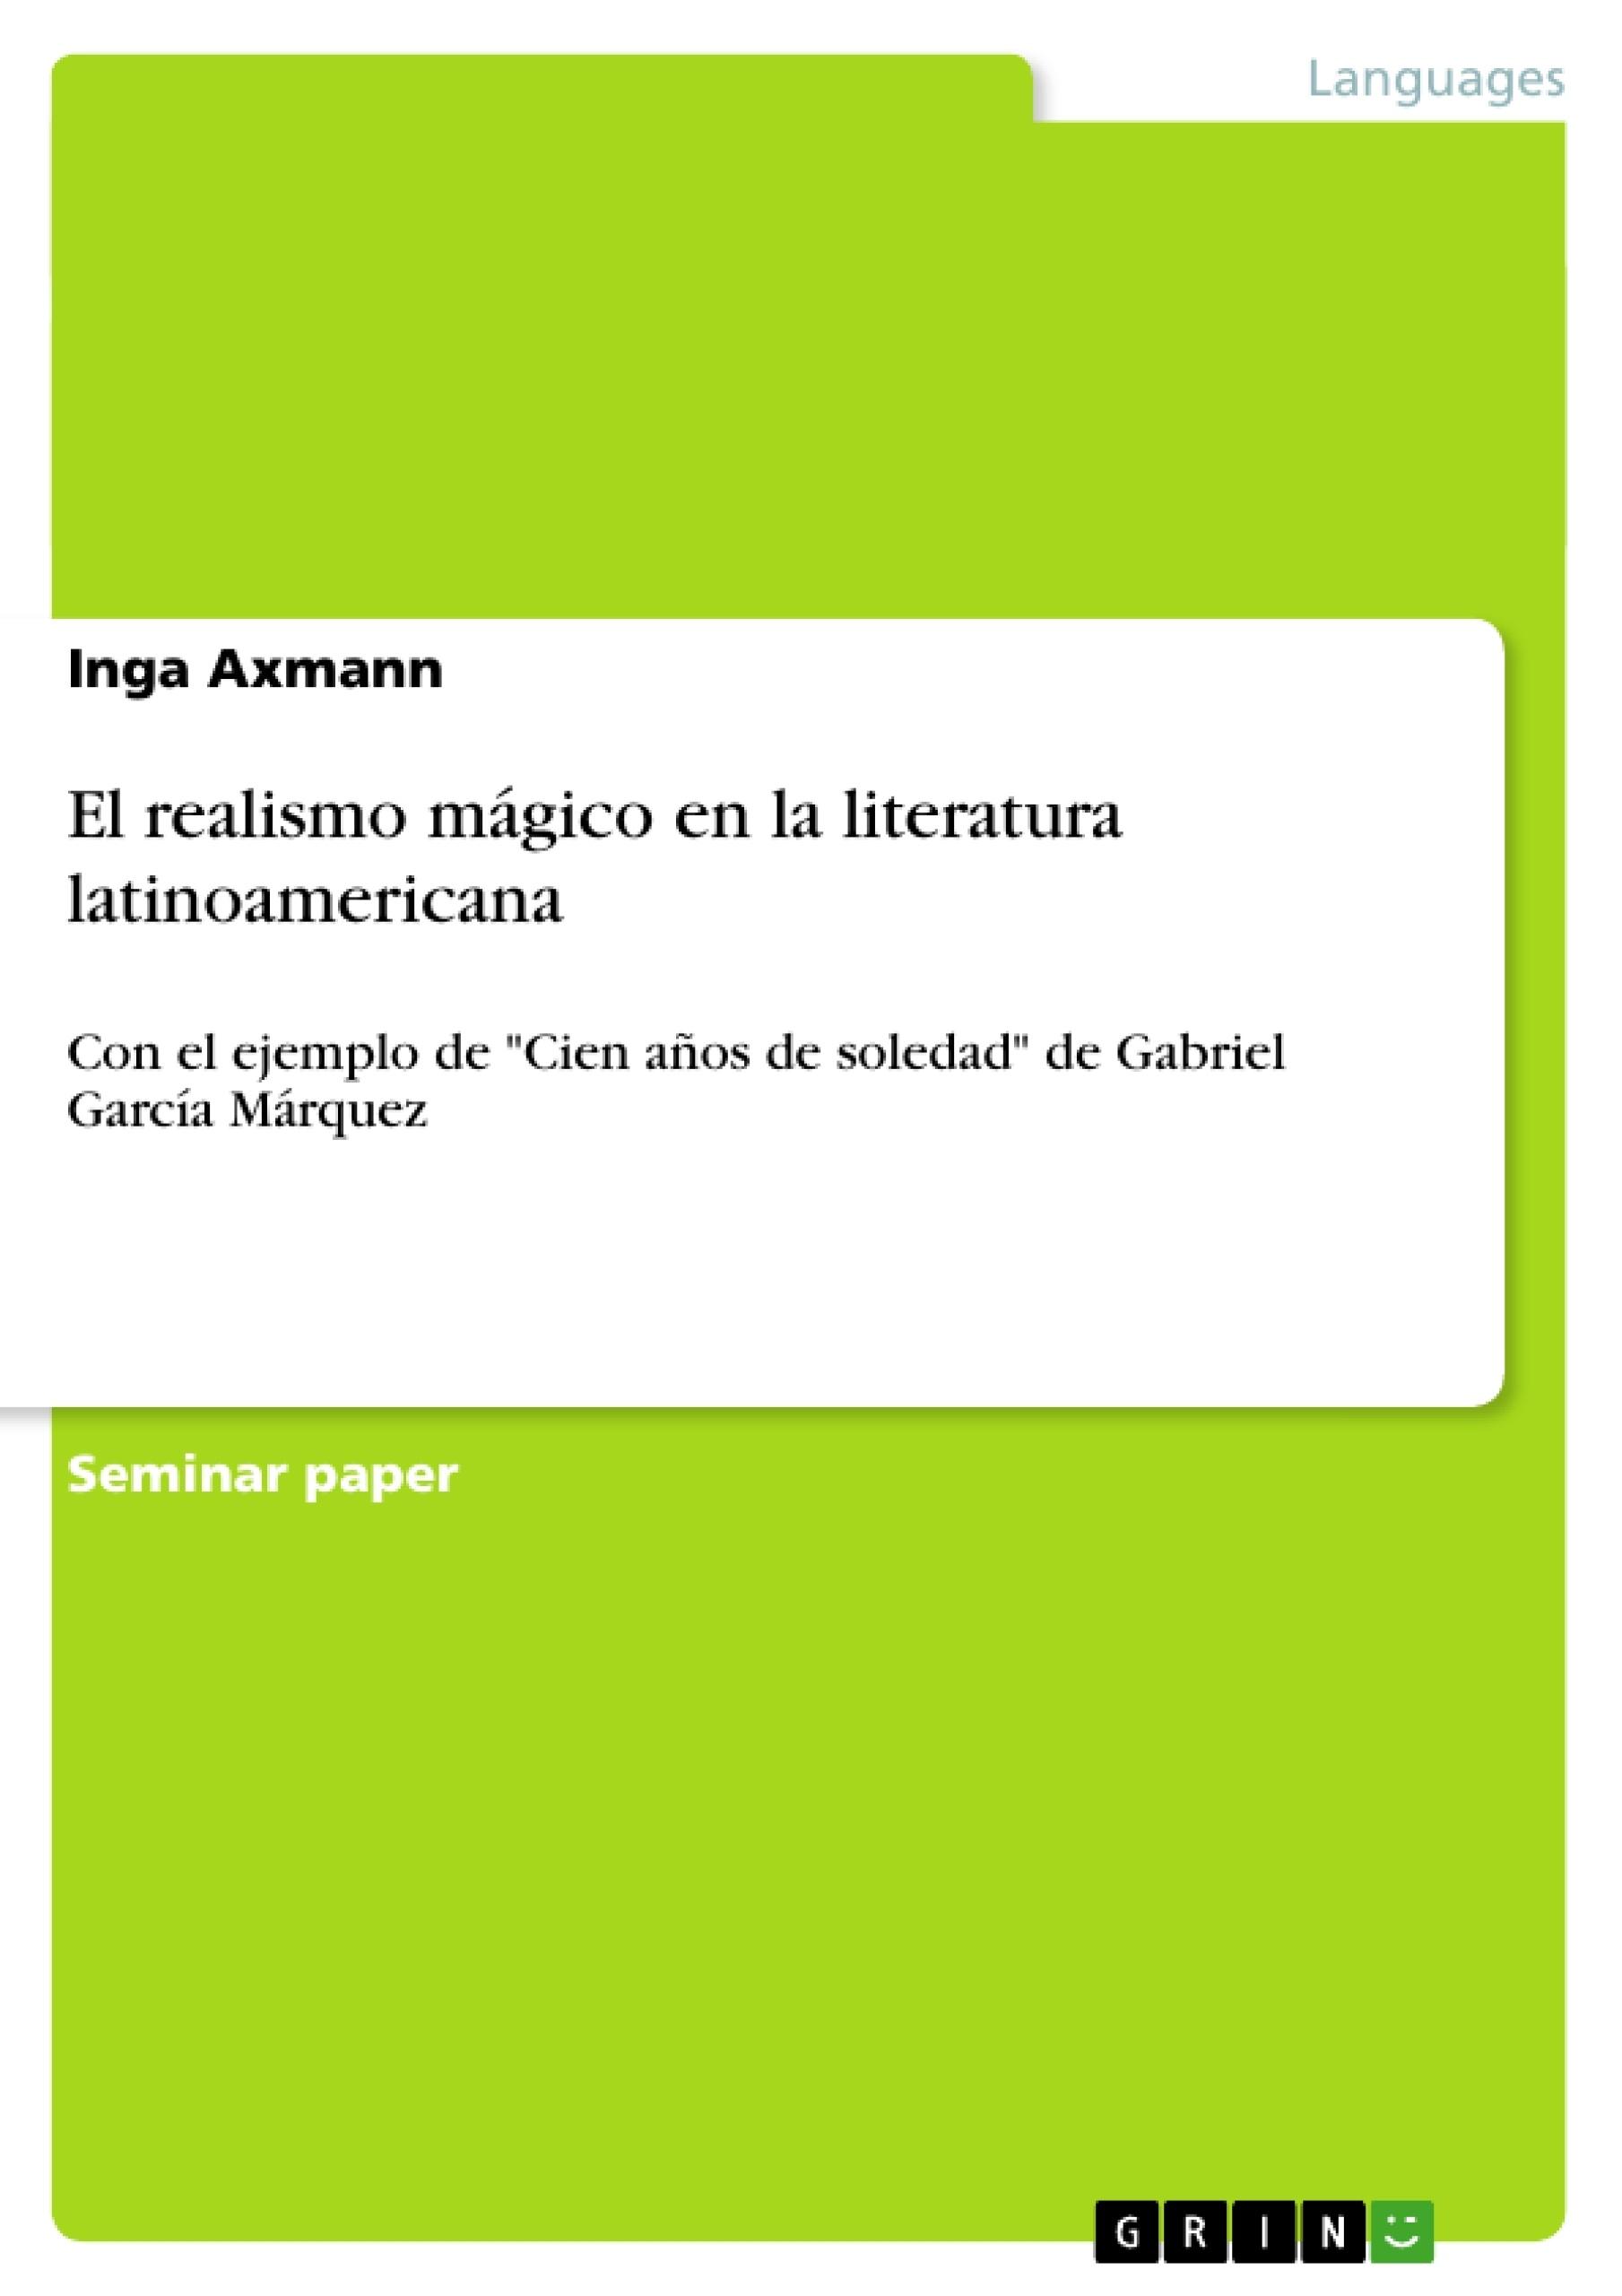 Título: El realismo mágico en la literatura latinoamericana